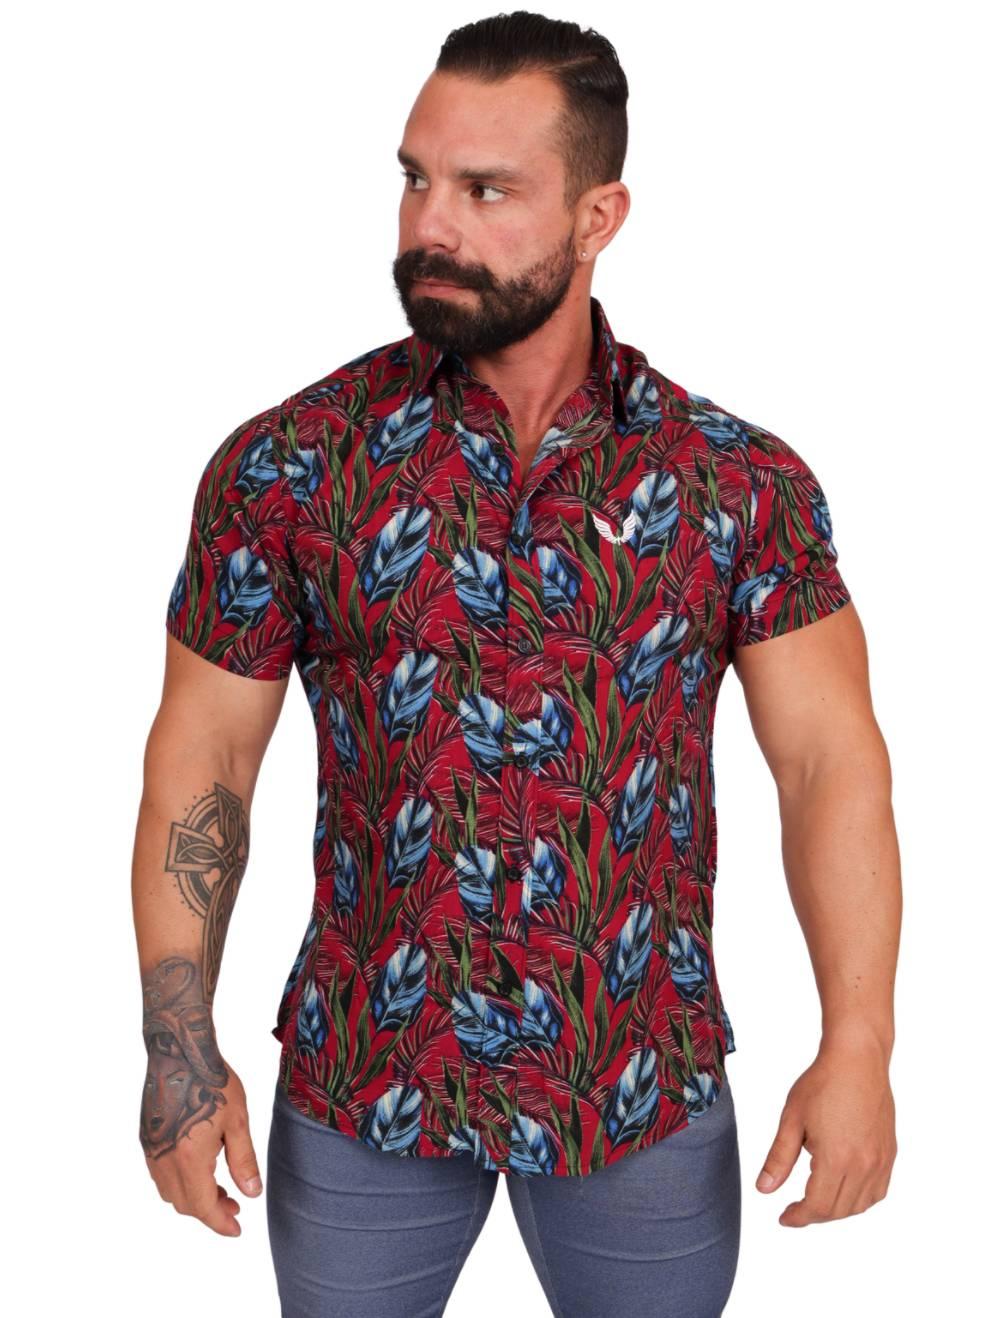 Camisa Masculina Manga Curta Estampa Folhagem Slim